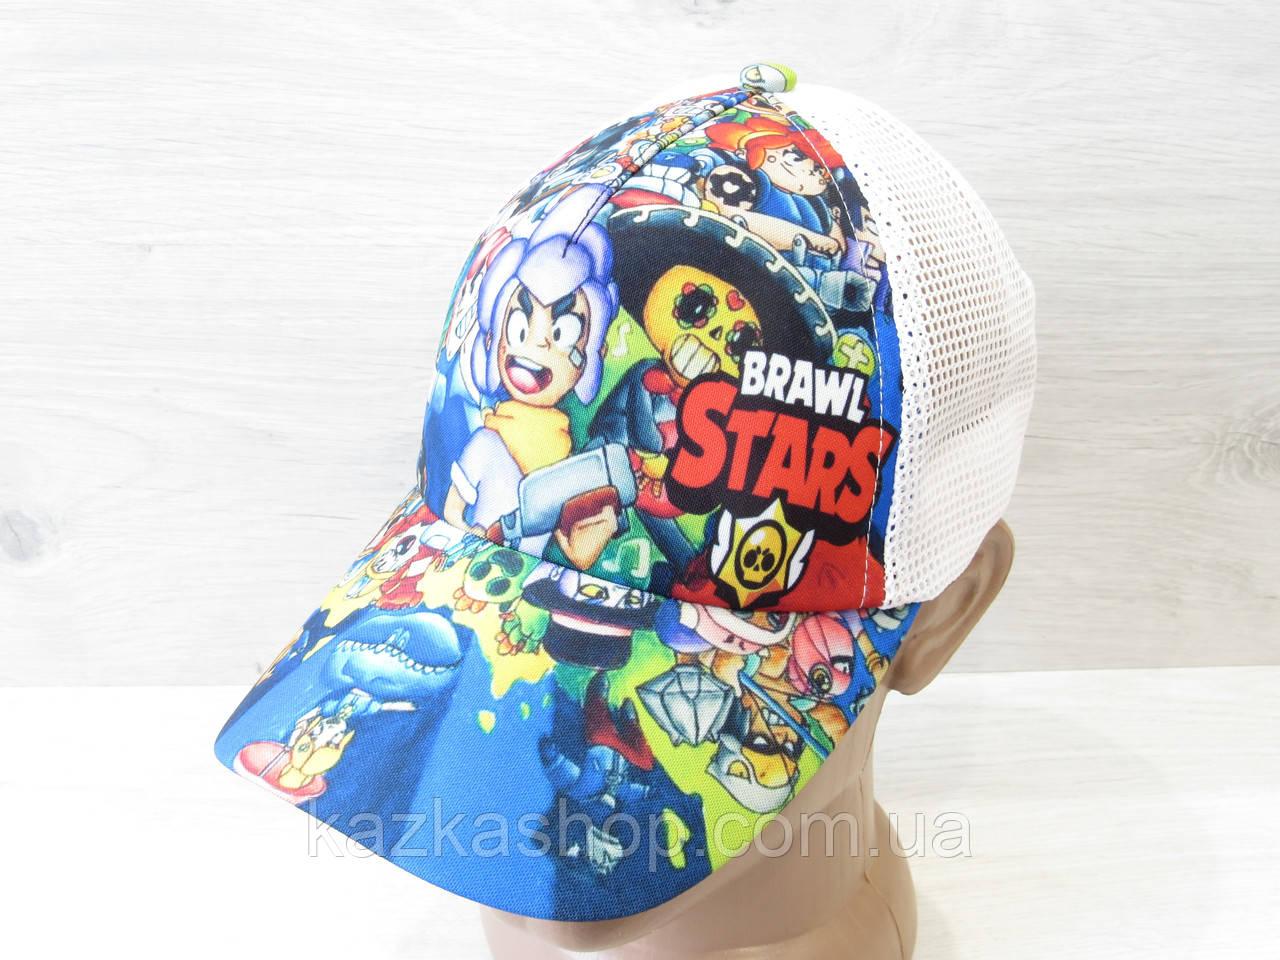 Підліткова кепка, бейсболка, накат, коттон, сітка, розмір 53-54, регулятор